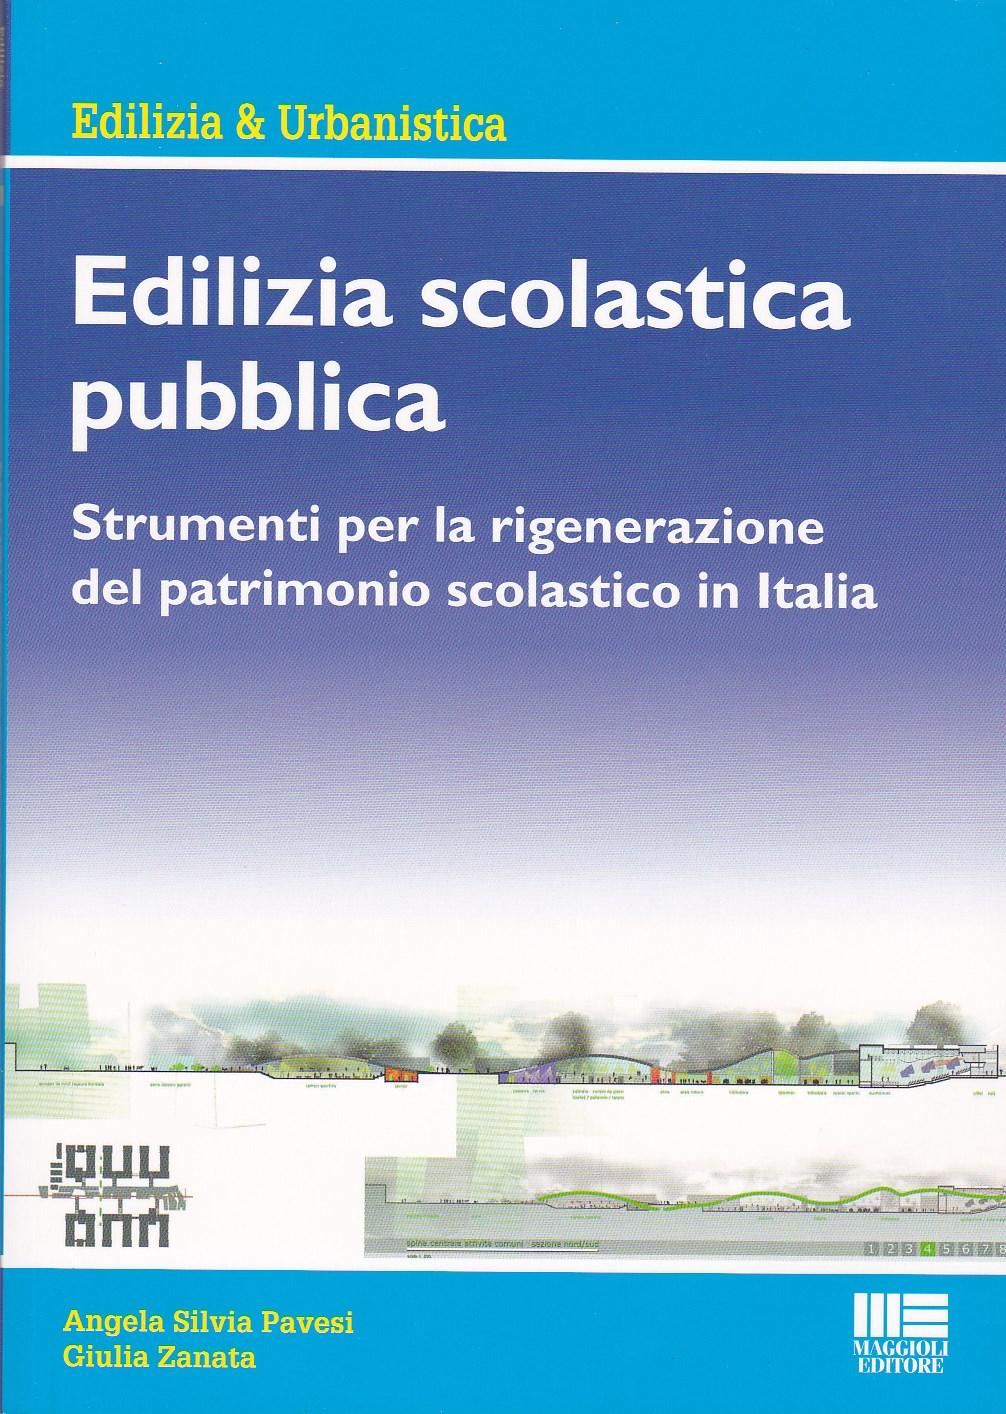 Edilizia scolastica pubblica